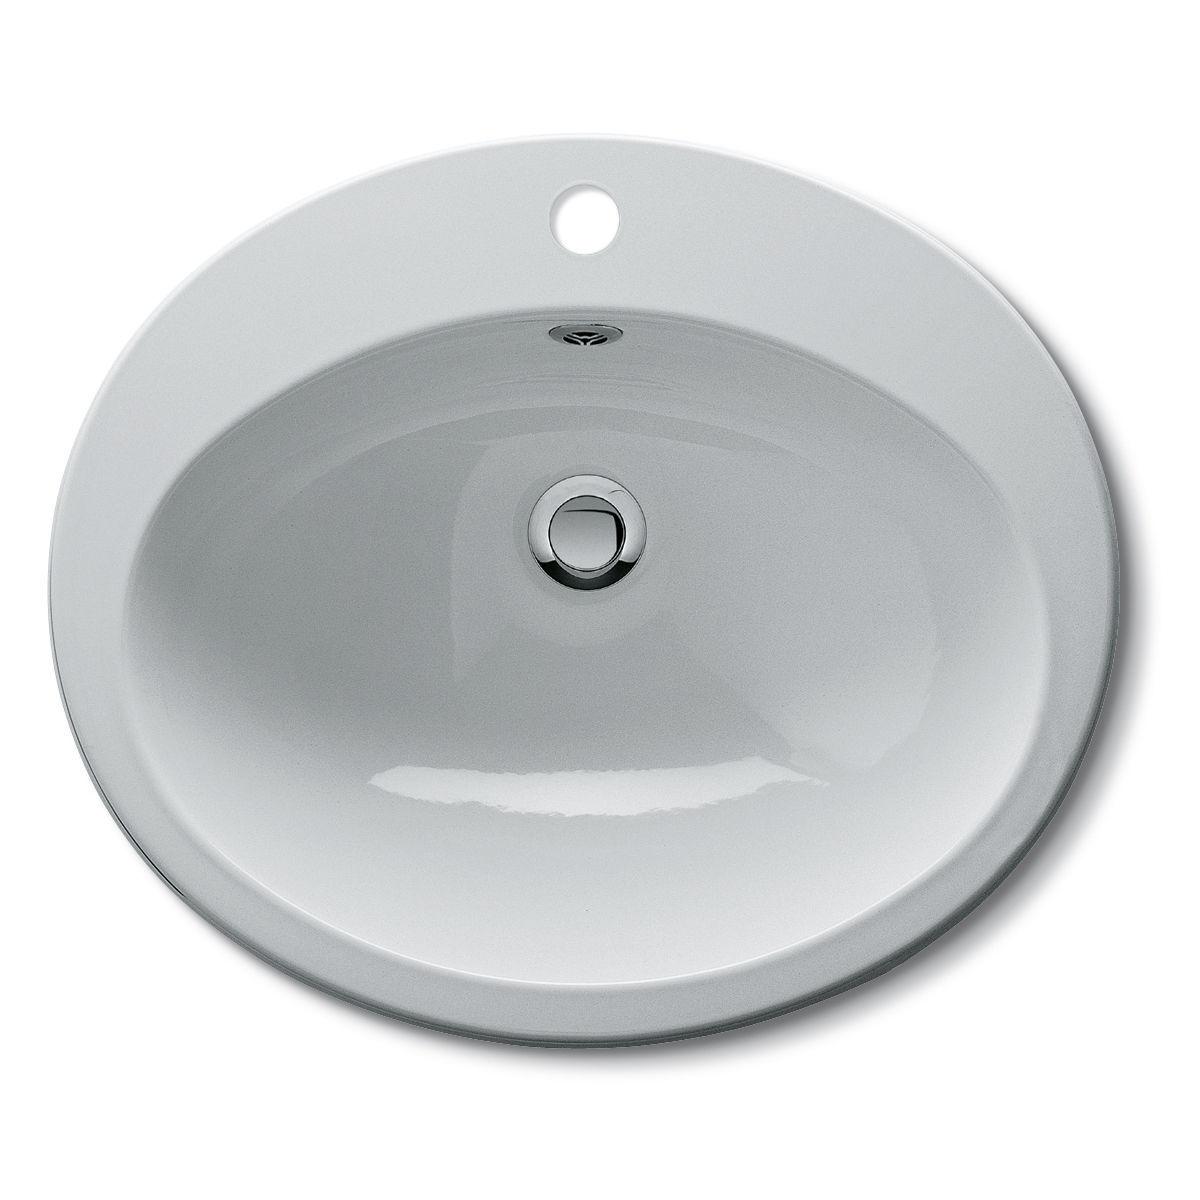 Einbauwaschbecken Oval Keramik Klassisch 06 160400 Bmp Srl